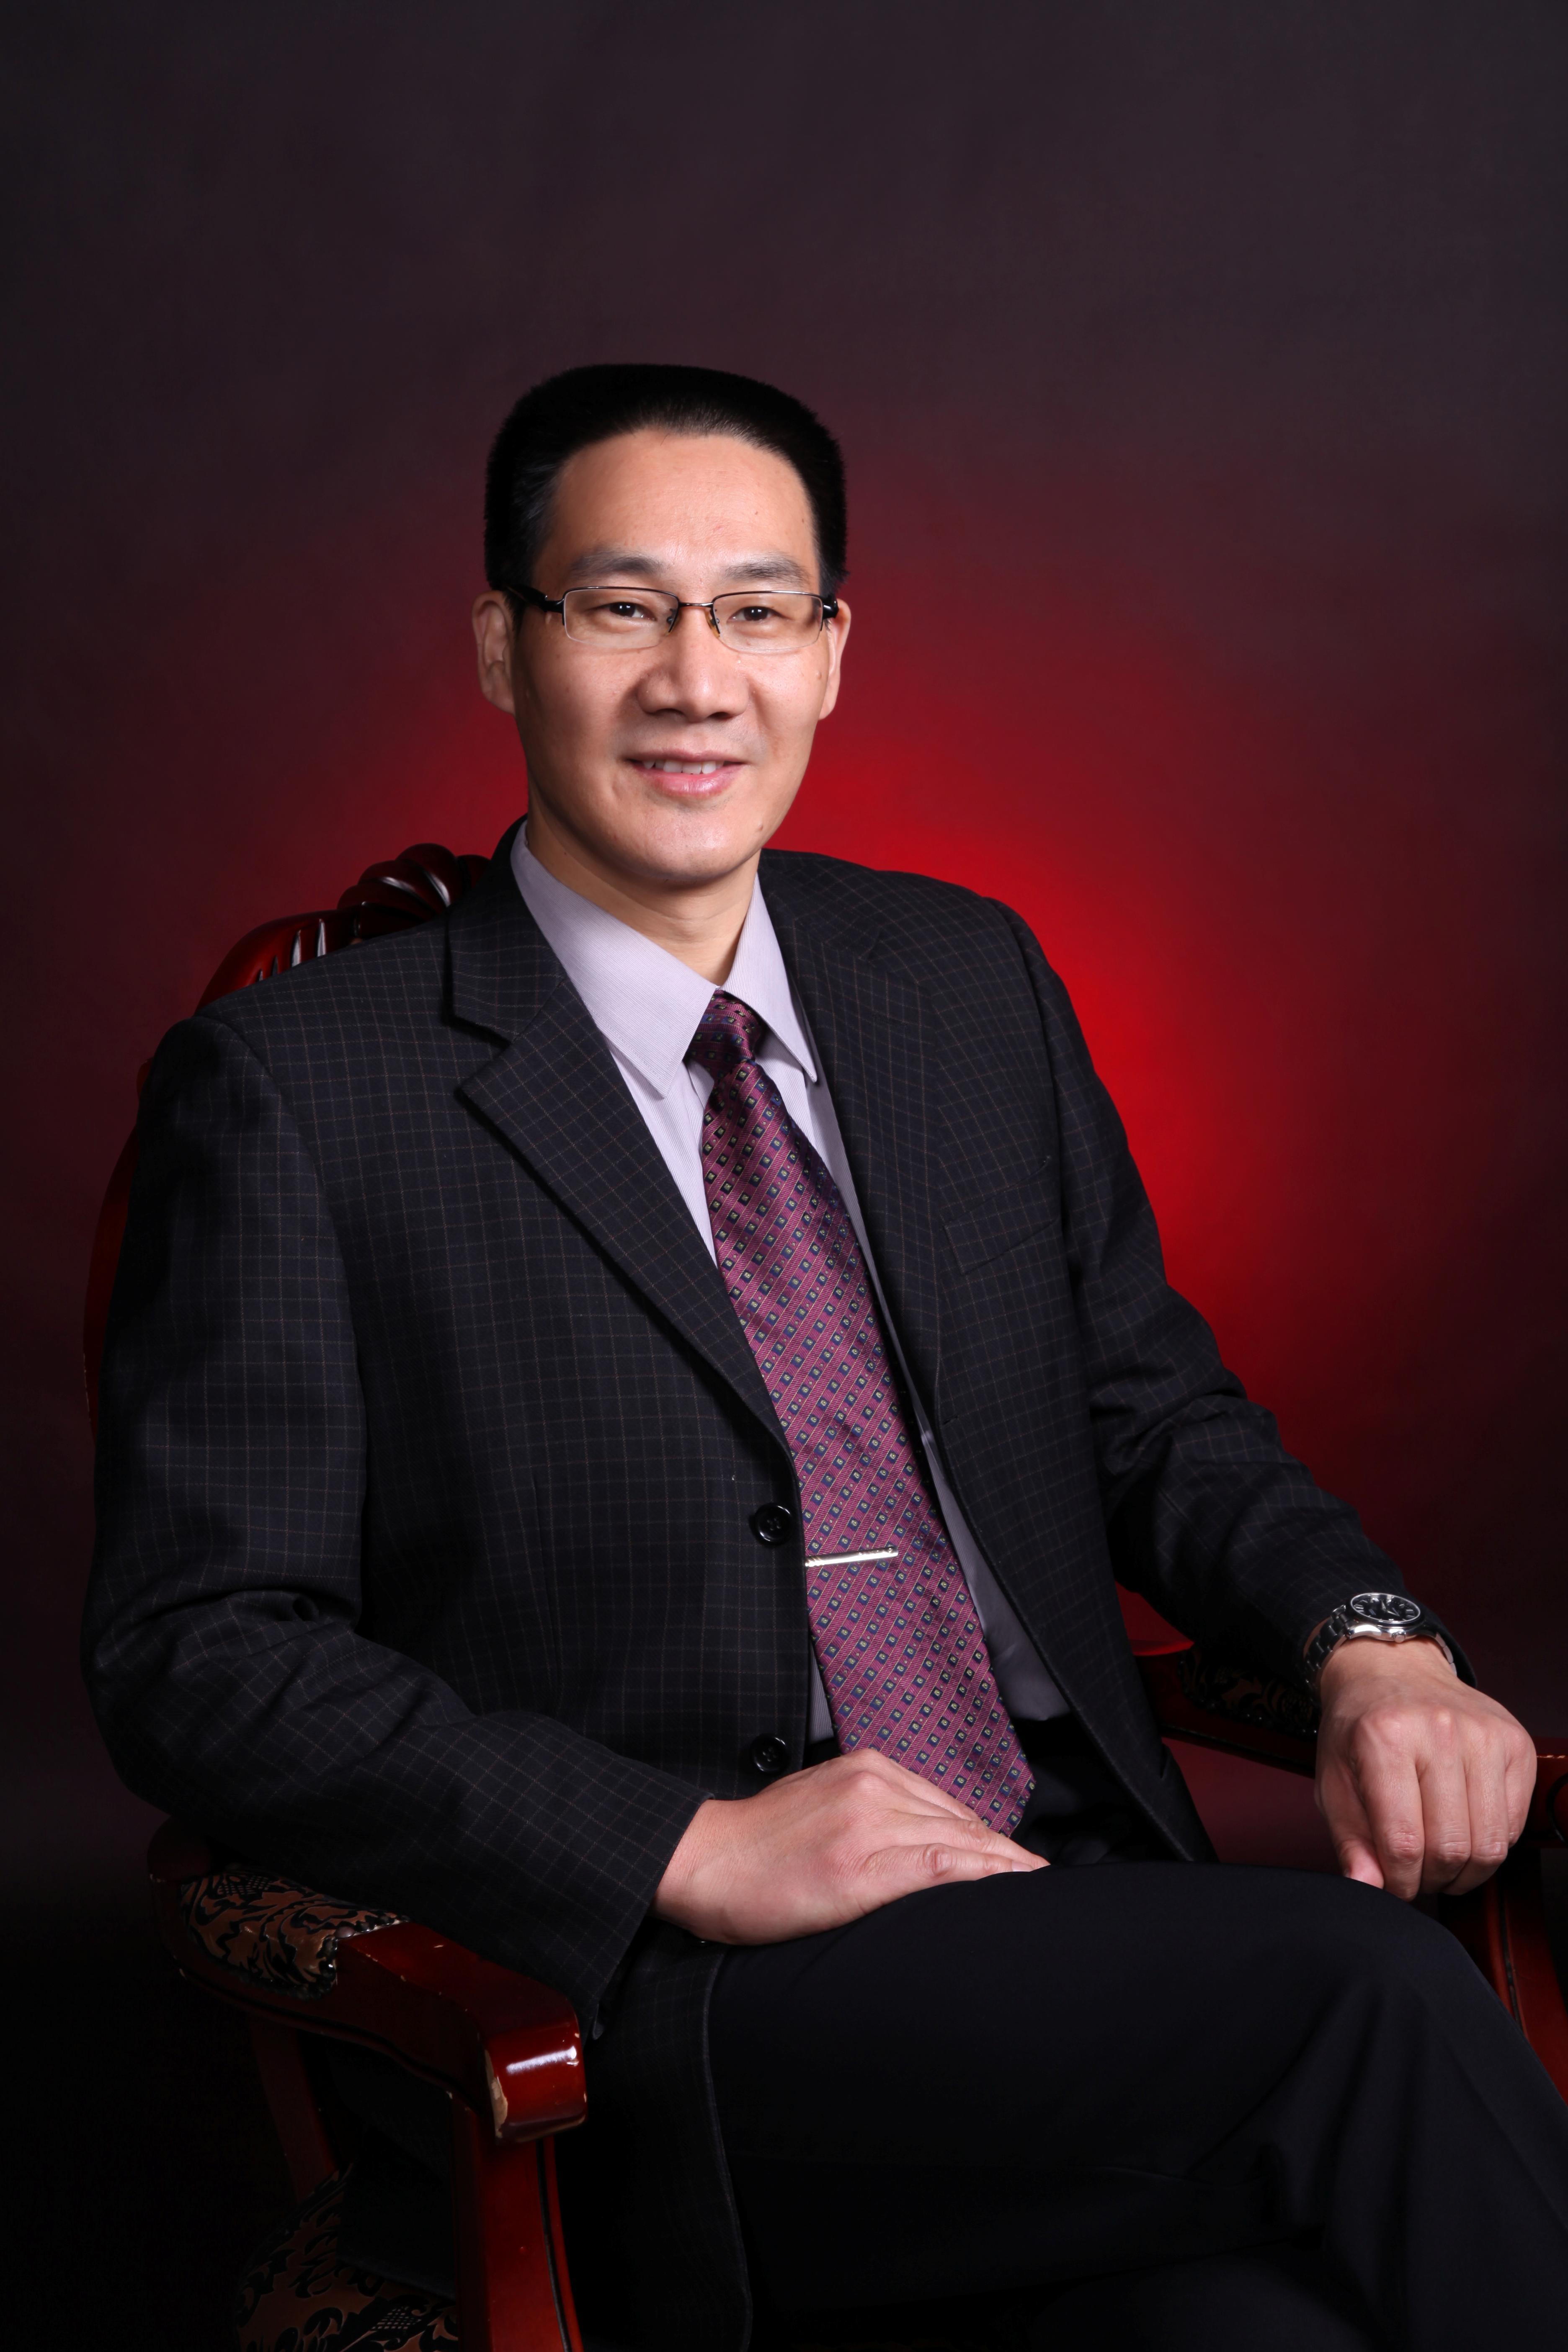 北京师范大学教授李玉顺